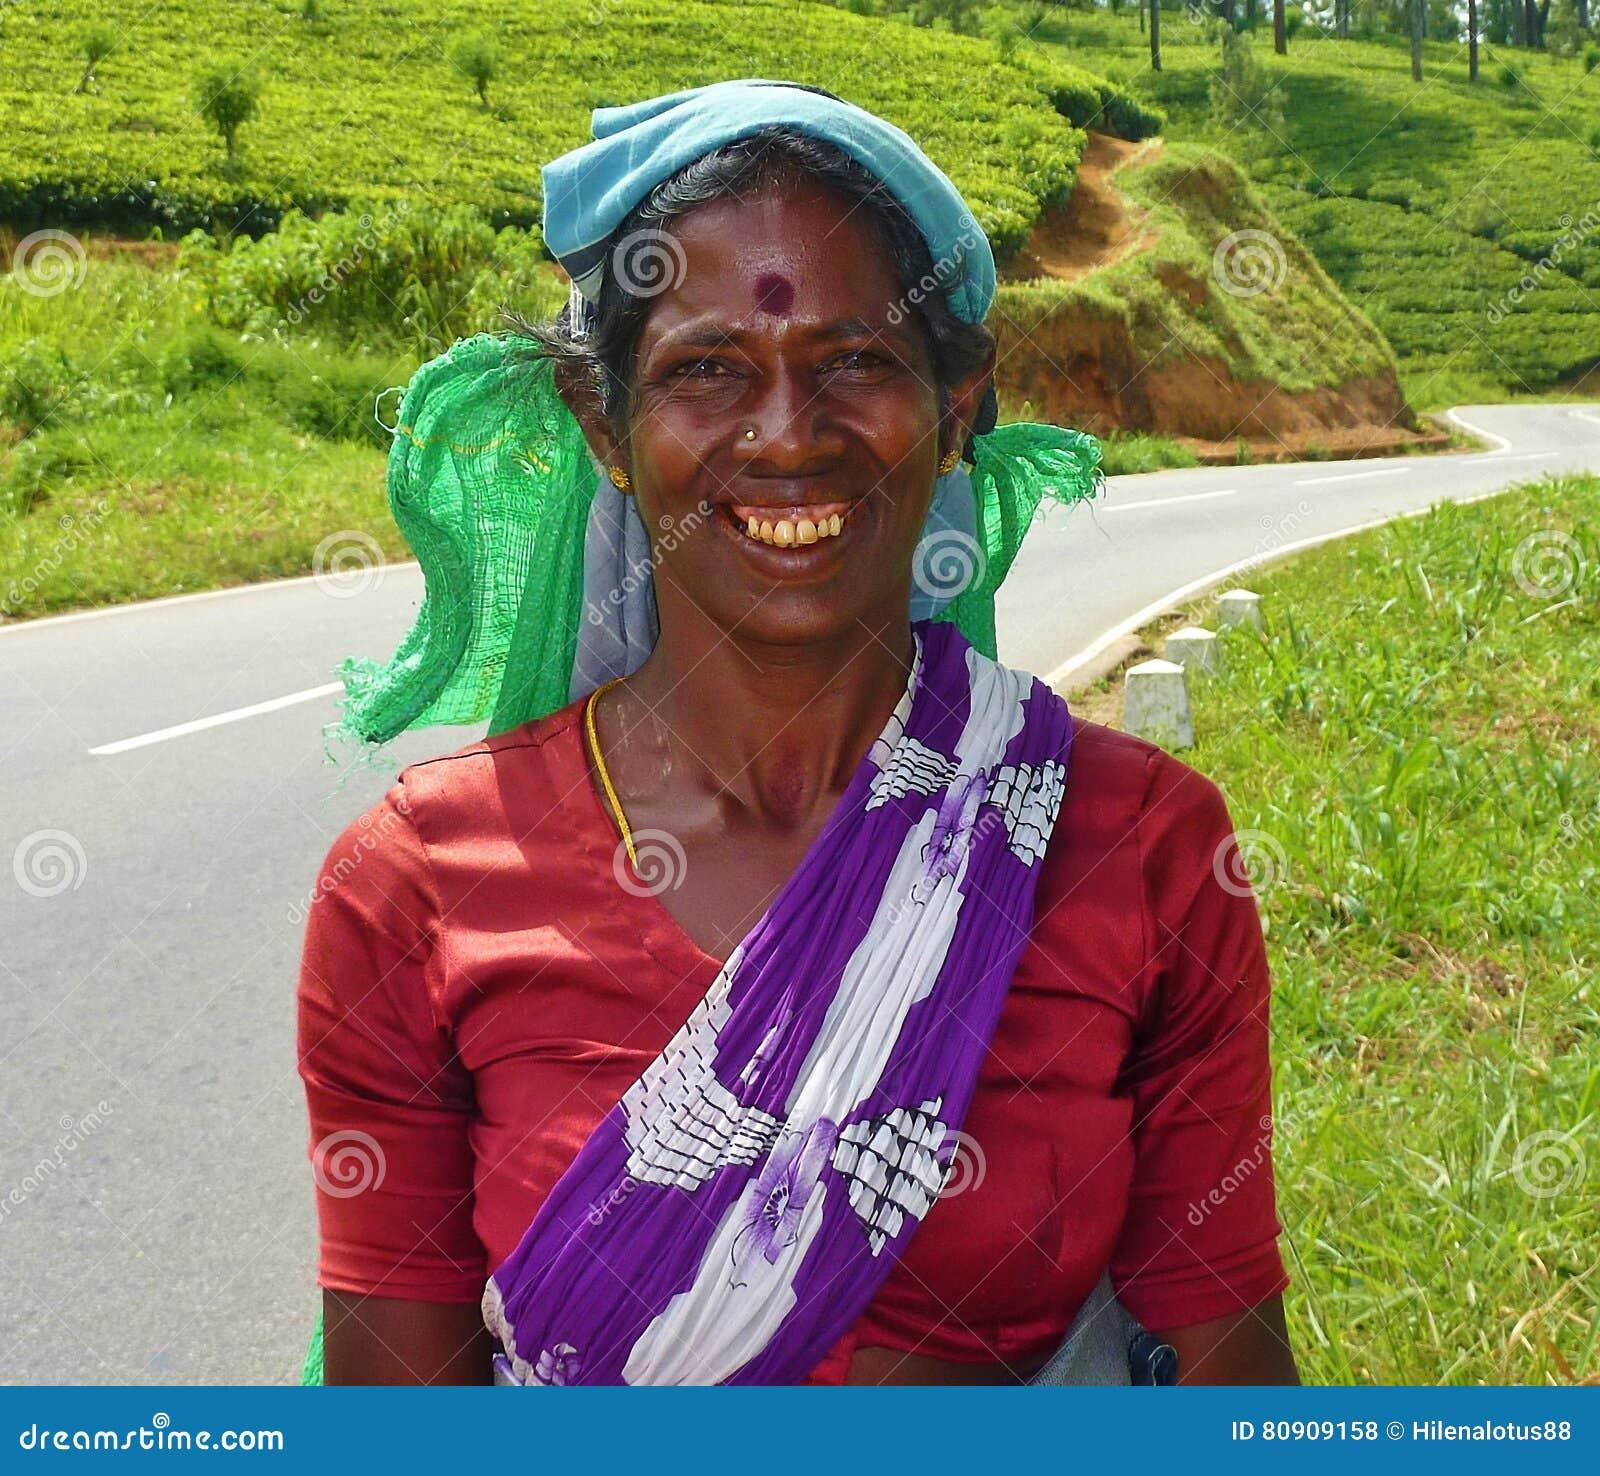 Sri Lanka Tea Picker woman